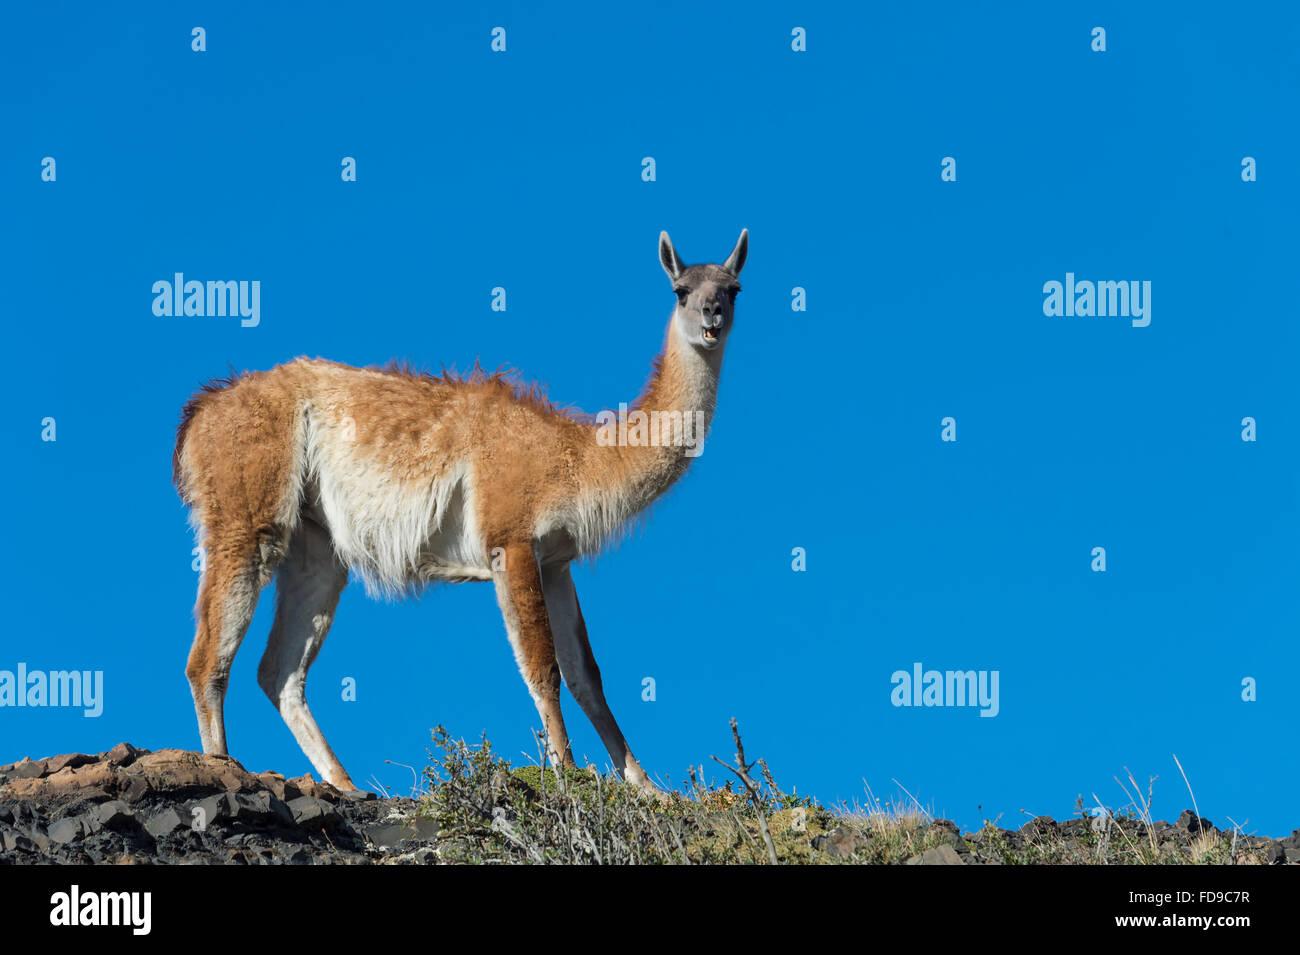 Guanaco (Lama guanicoe) sur une crête, le Parc National Torres del Paine, Patagonie chilienne, Chili Banque D'Images